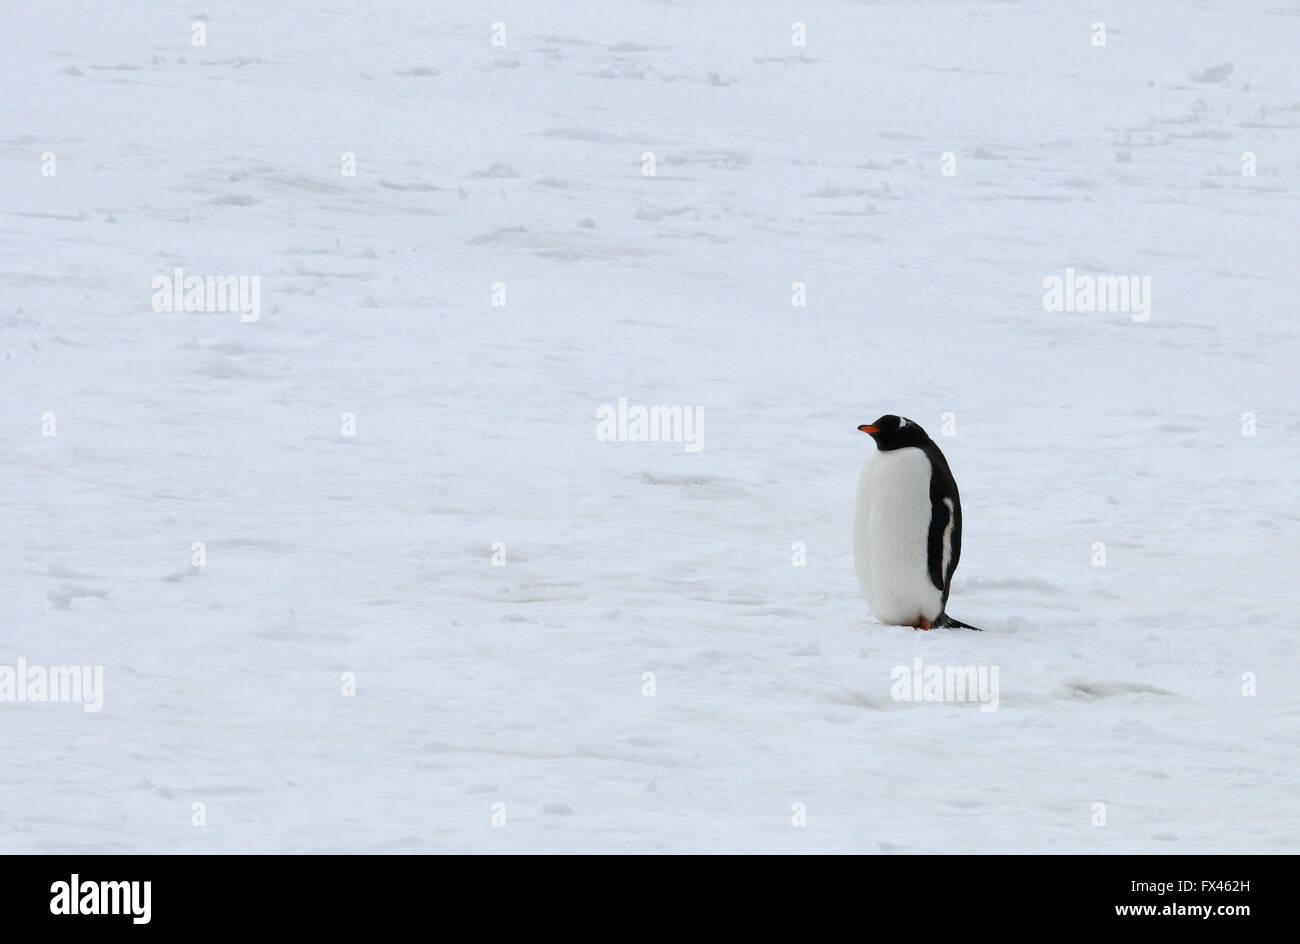 Le dirigeant d'une Gentoo pingouin (Pygoscelis papua) se dresse sur la neige au-dessus de l'anse de galets. Photo Stock